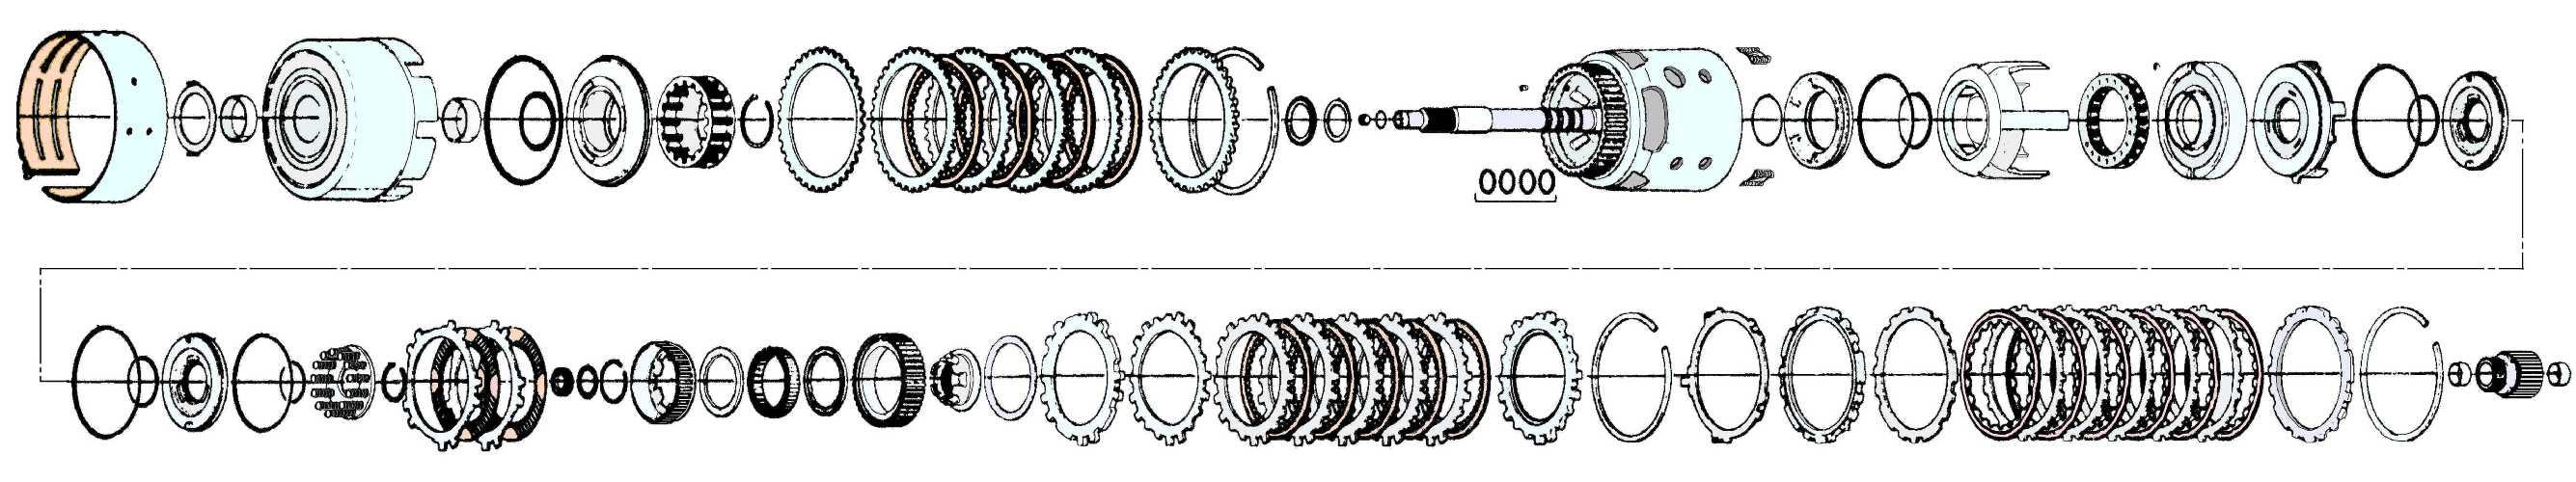 27 4l60e Wiring Harness Diagram